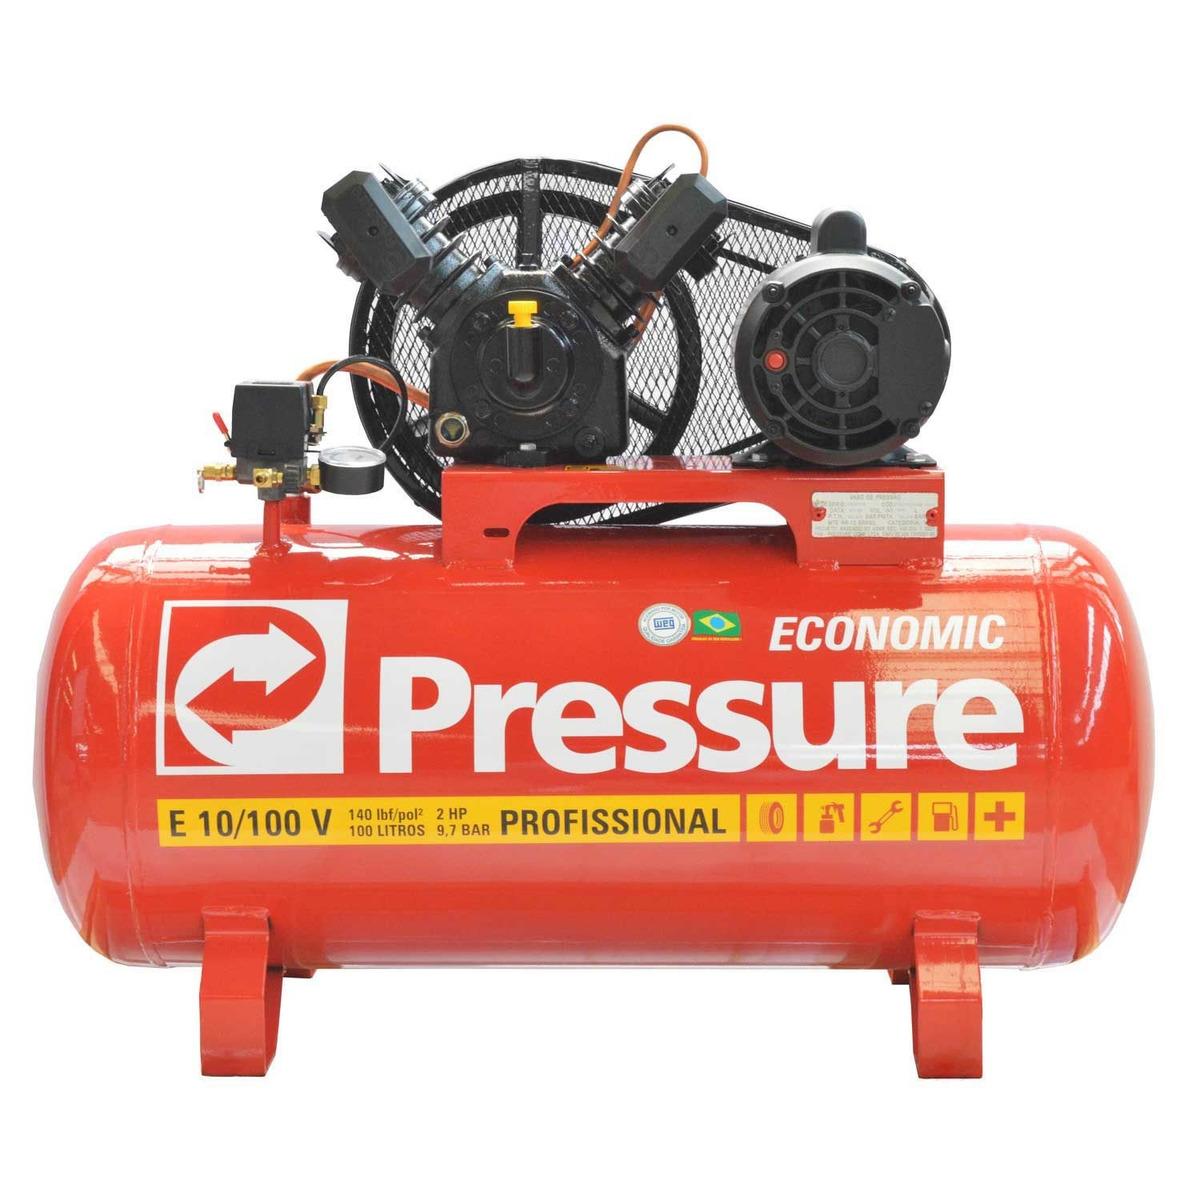 db4aa1960 compressor de ar 10 pés 100 litros economic pressure. Carregando zoom.